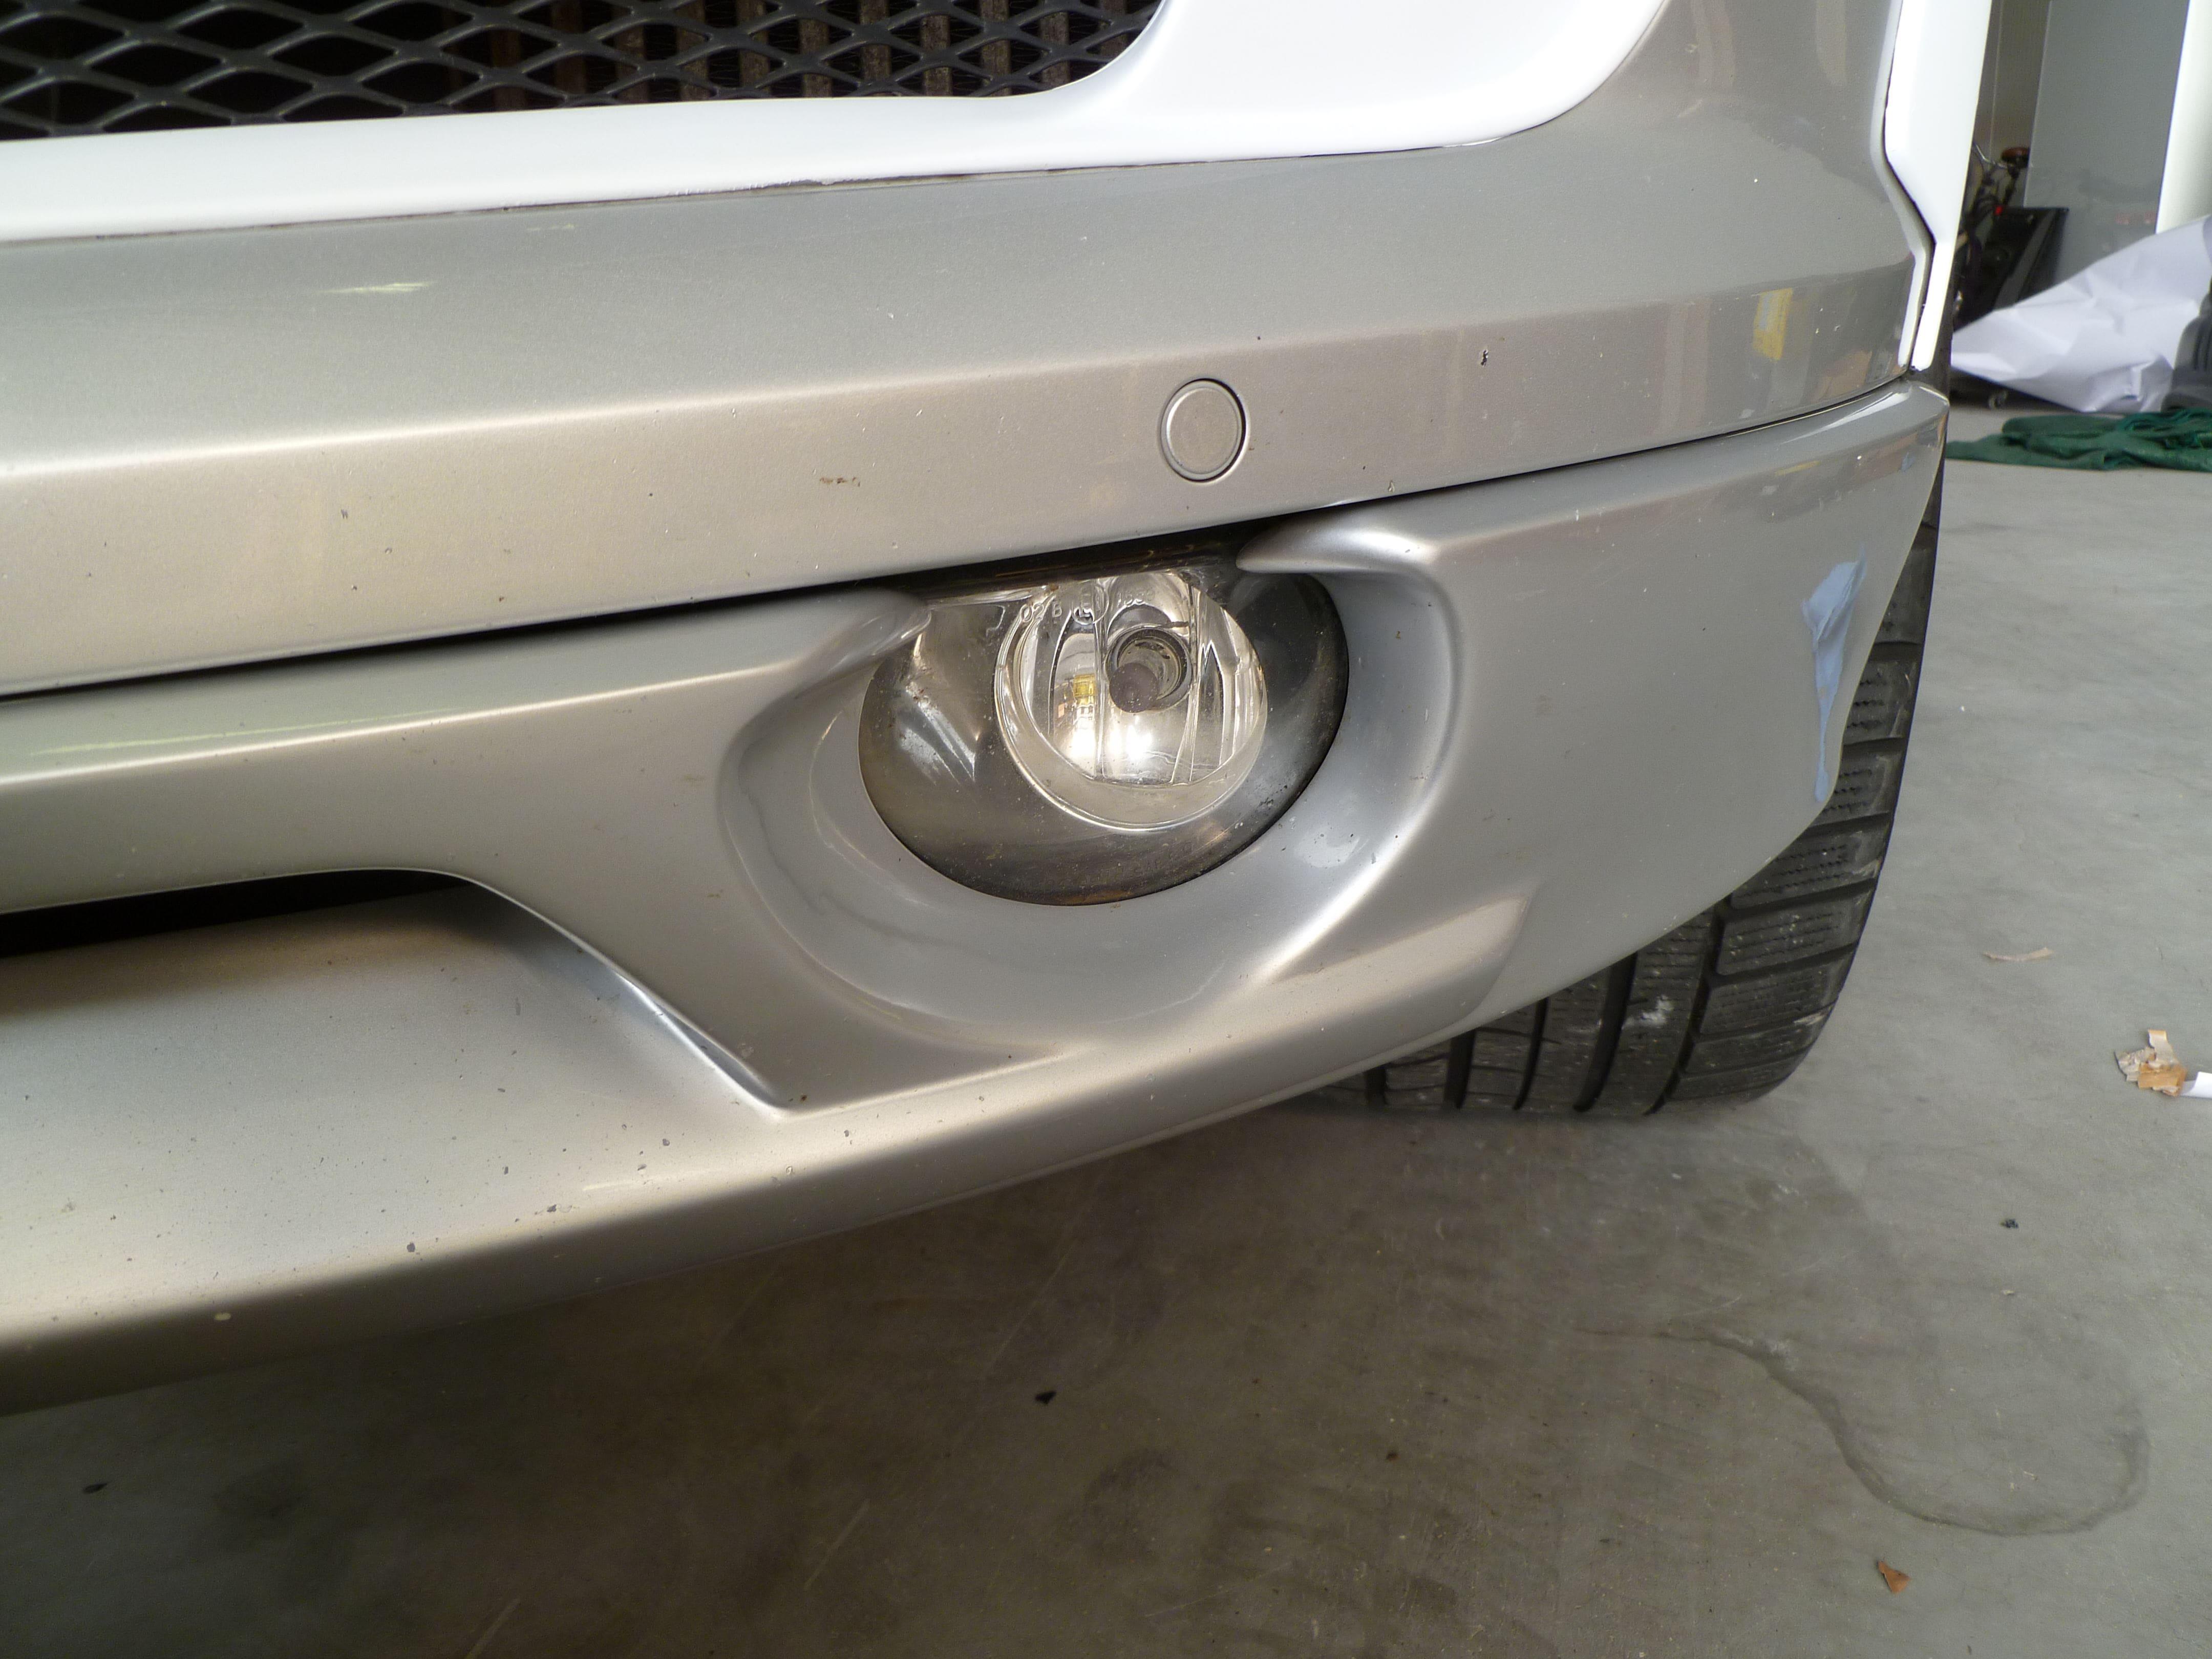 Audi Q7 met Mat Witte Wrap, Carwrapping door Wrapmyride.nu Foto-nr:4988, ©2021